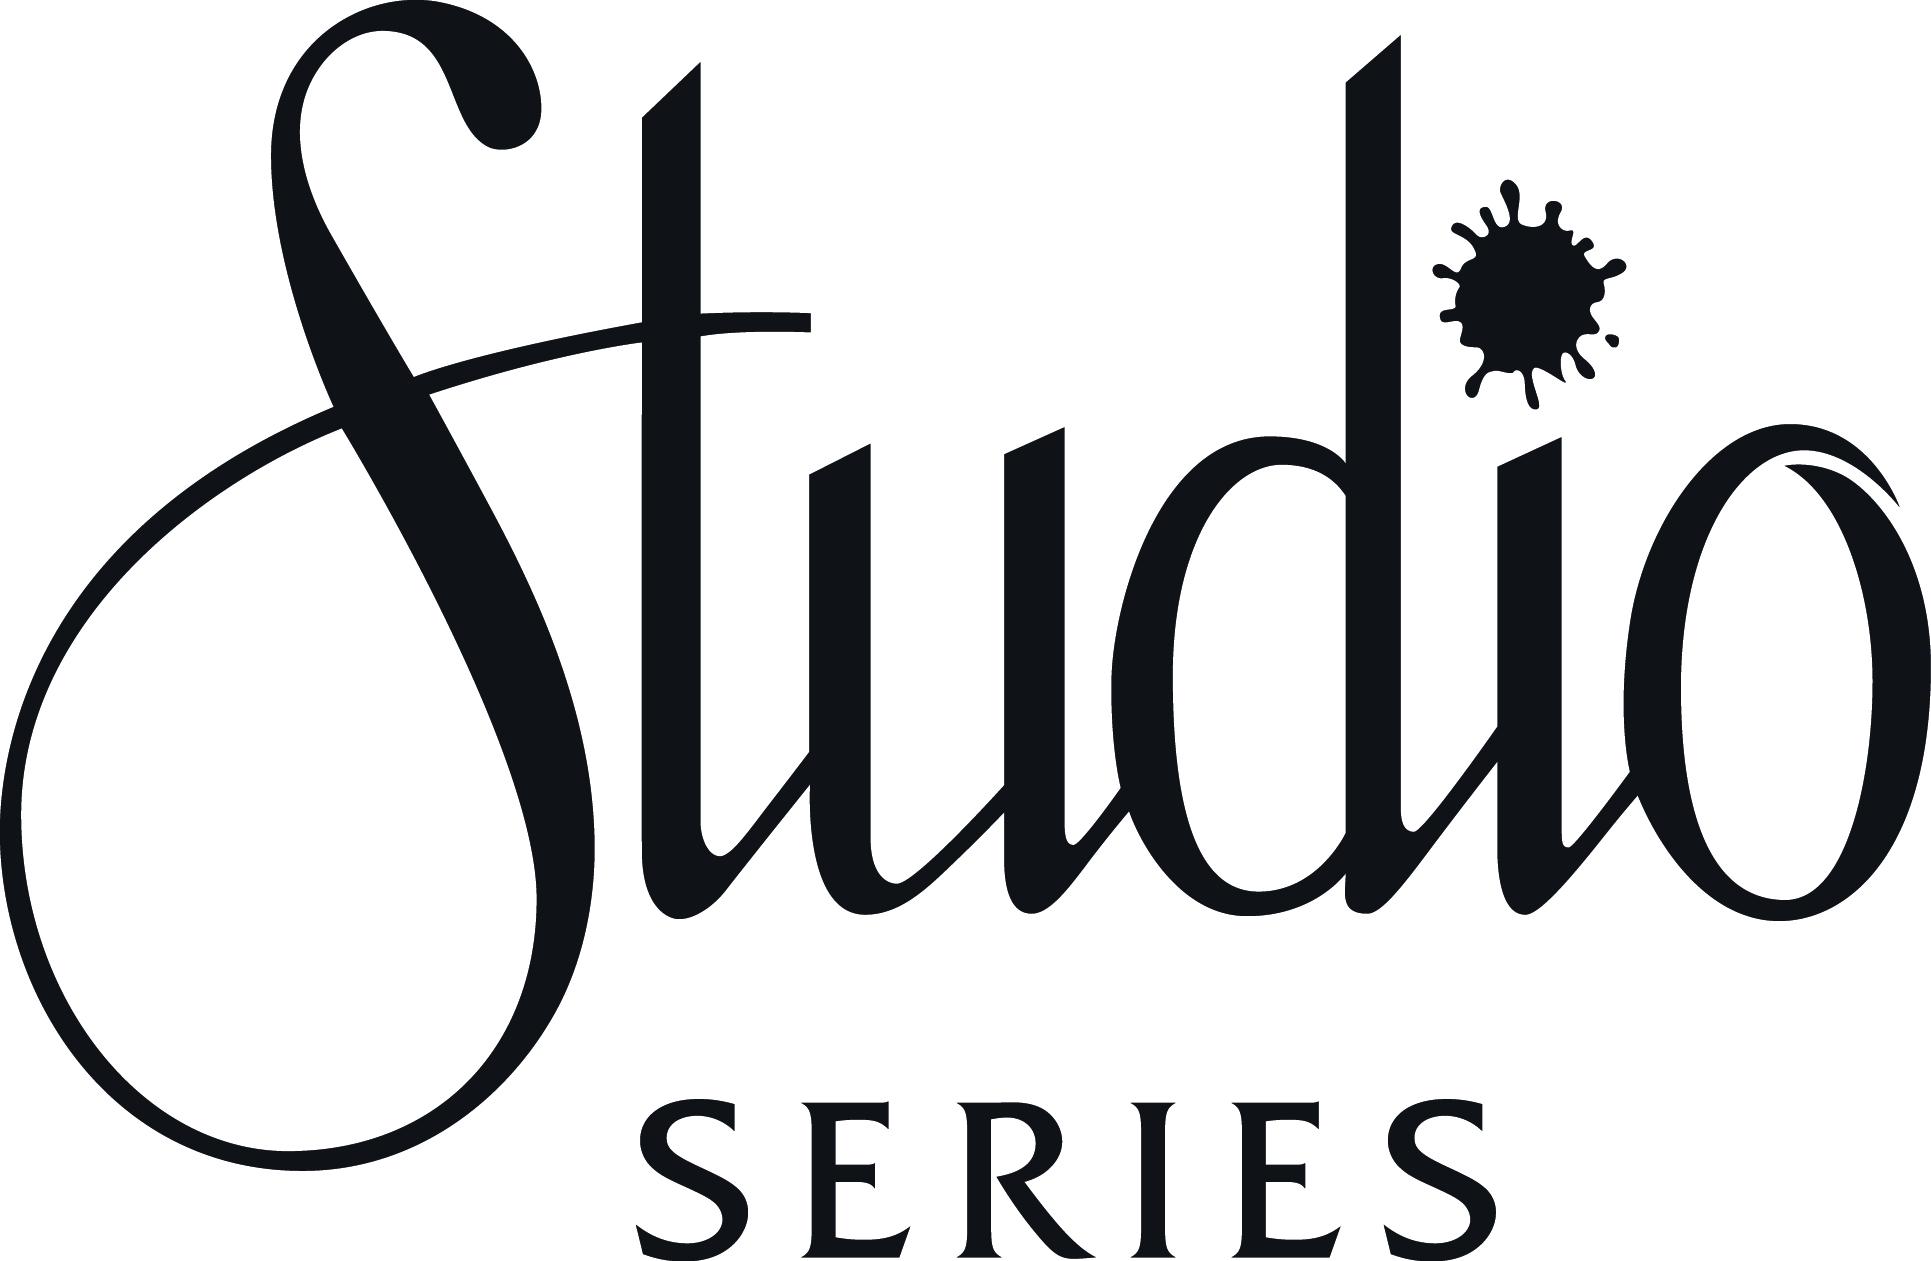 Studio Series